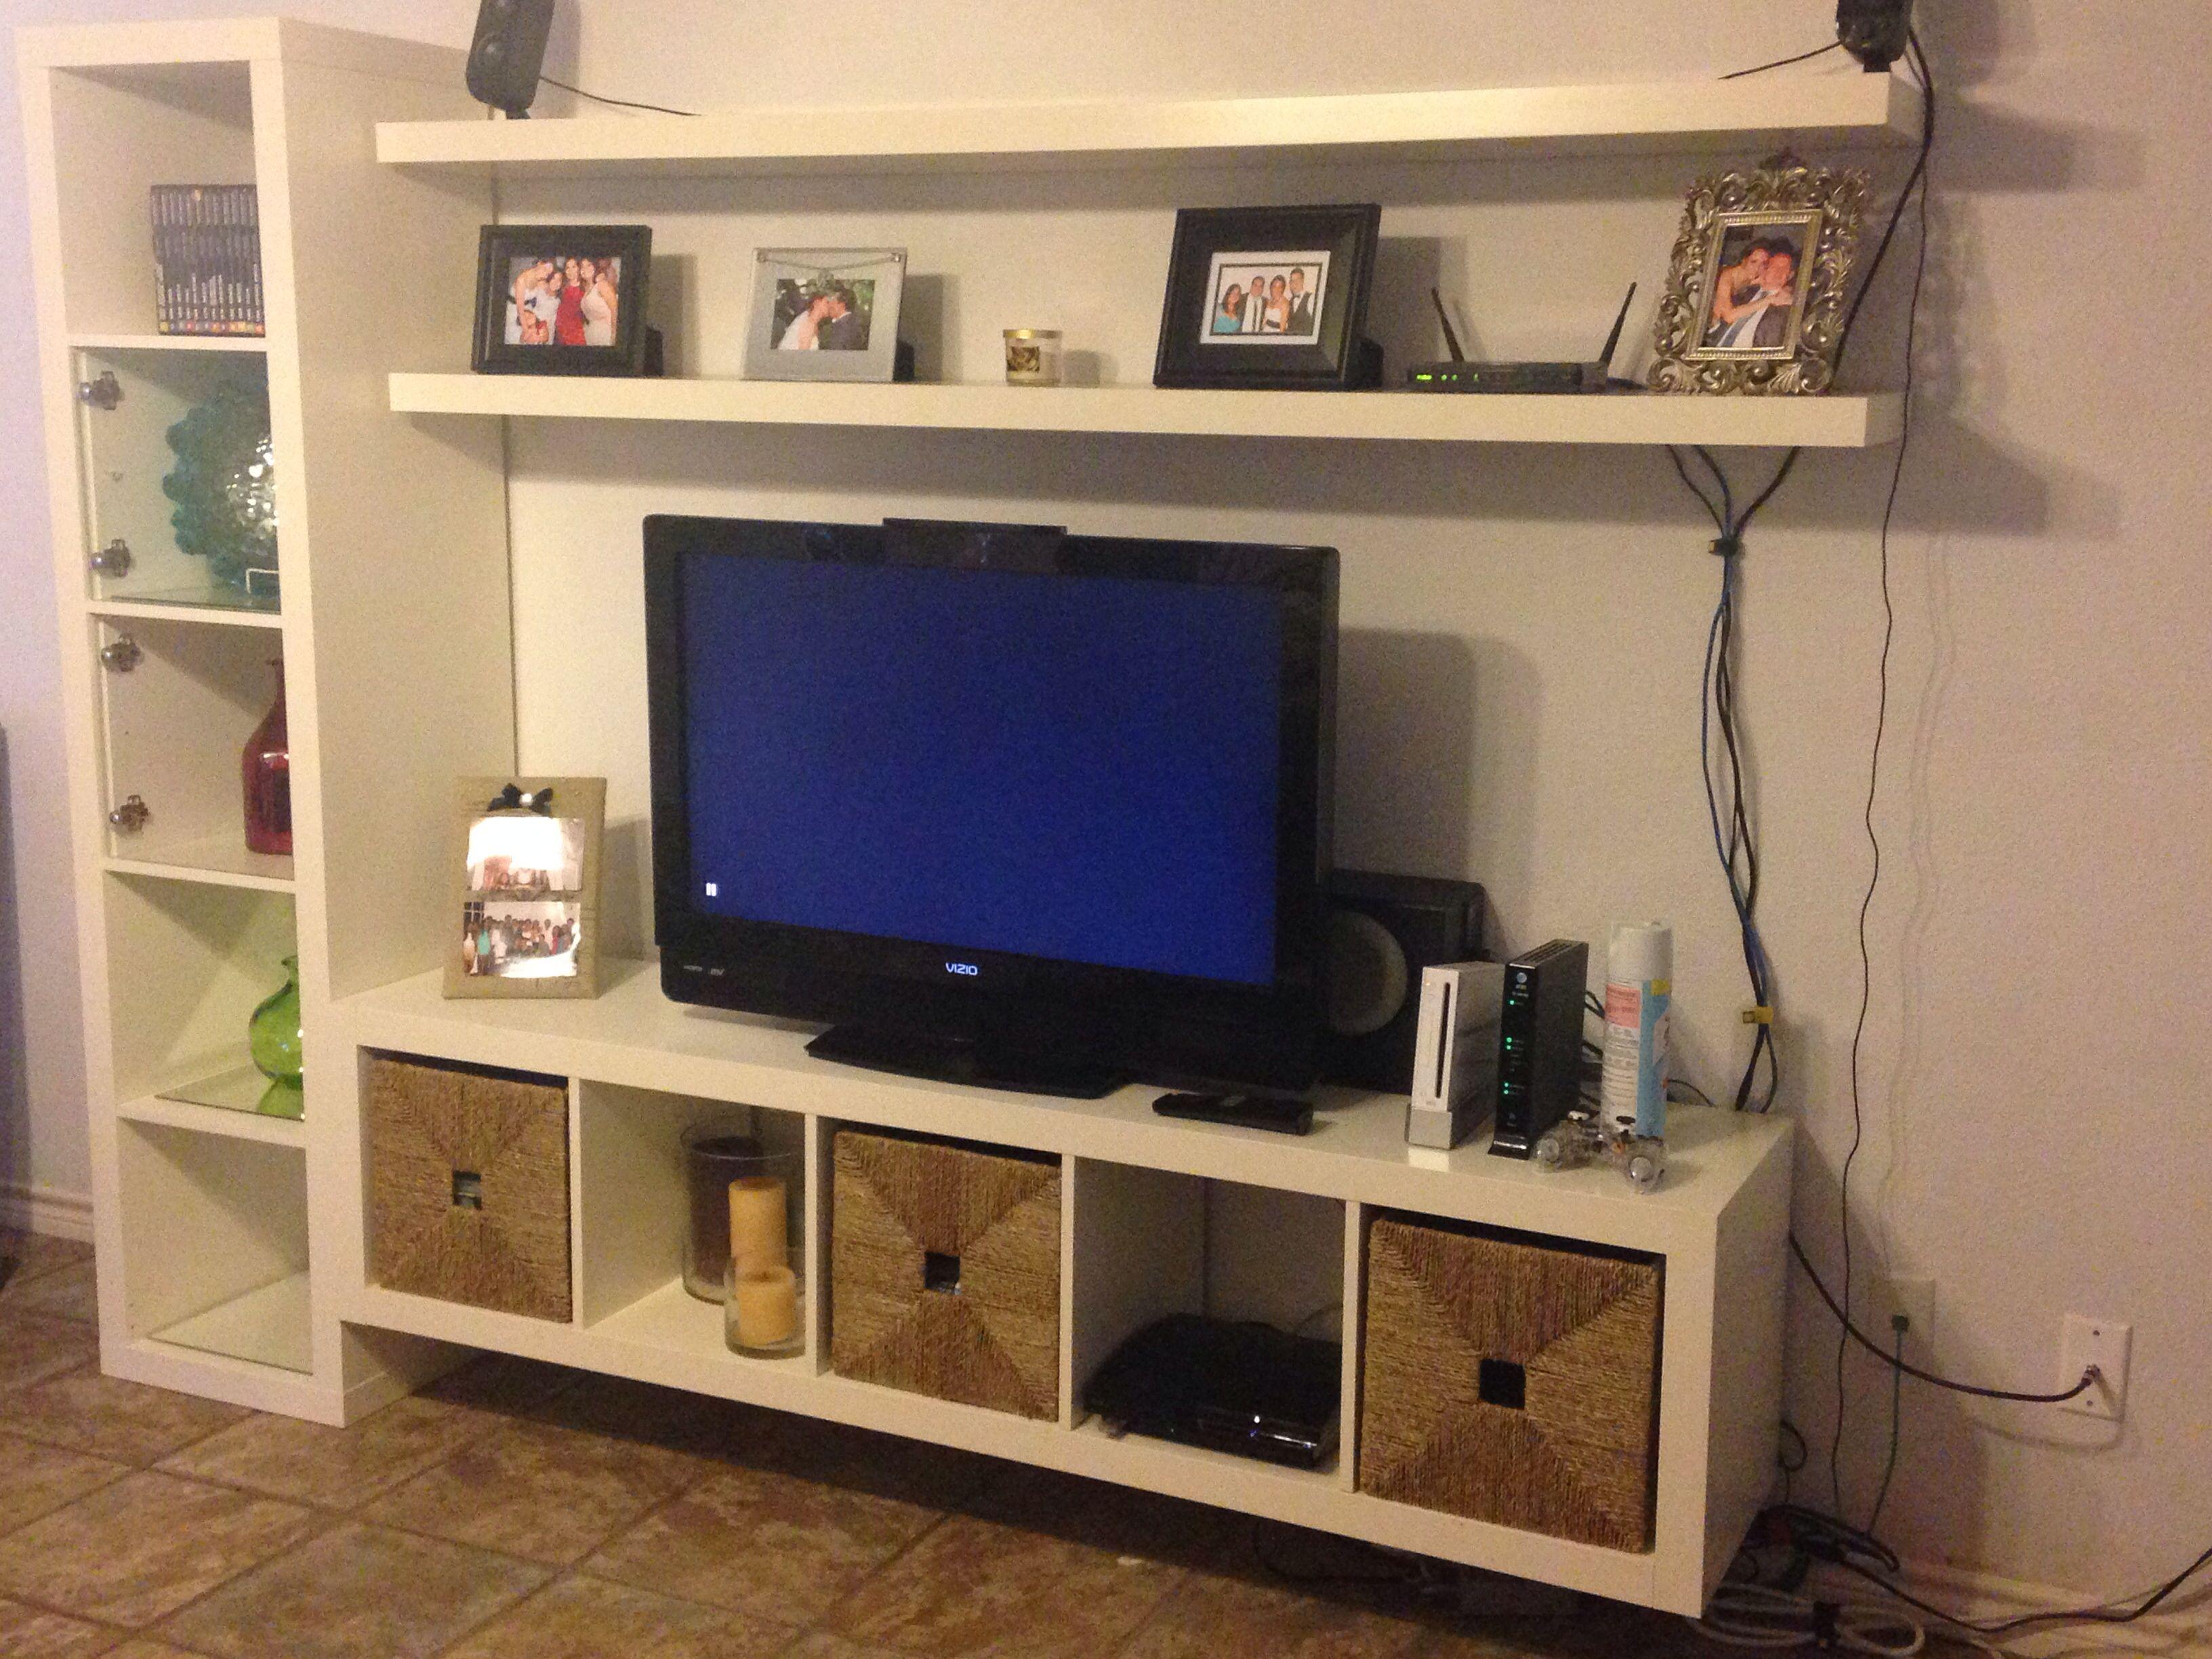 Ikea Mas Barato Que Un Mueble Para Tv 80 Home Pinterest  # Muebles Mas Baratos